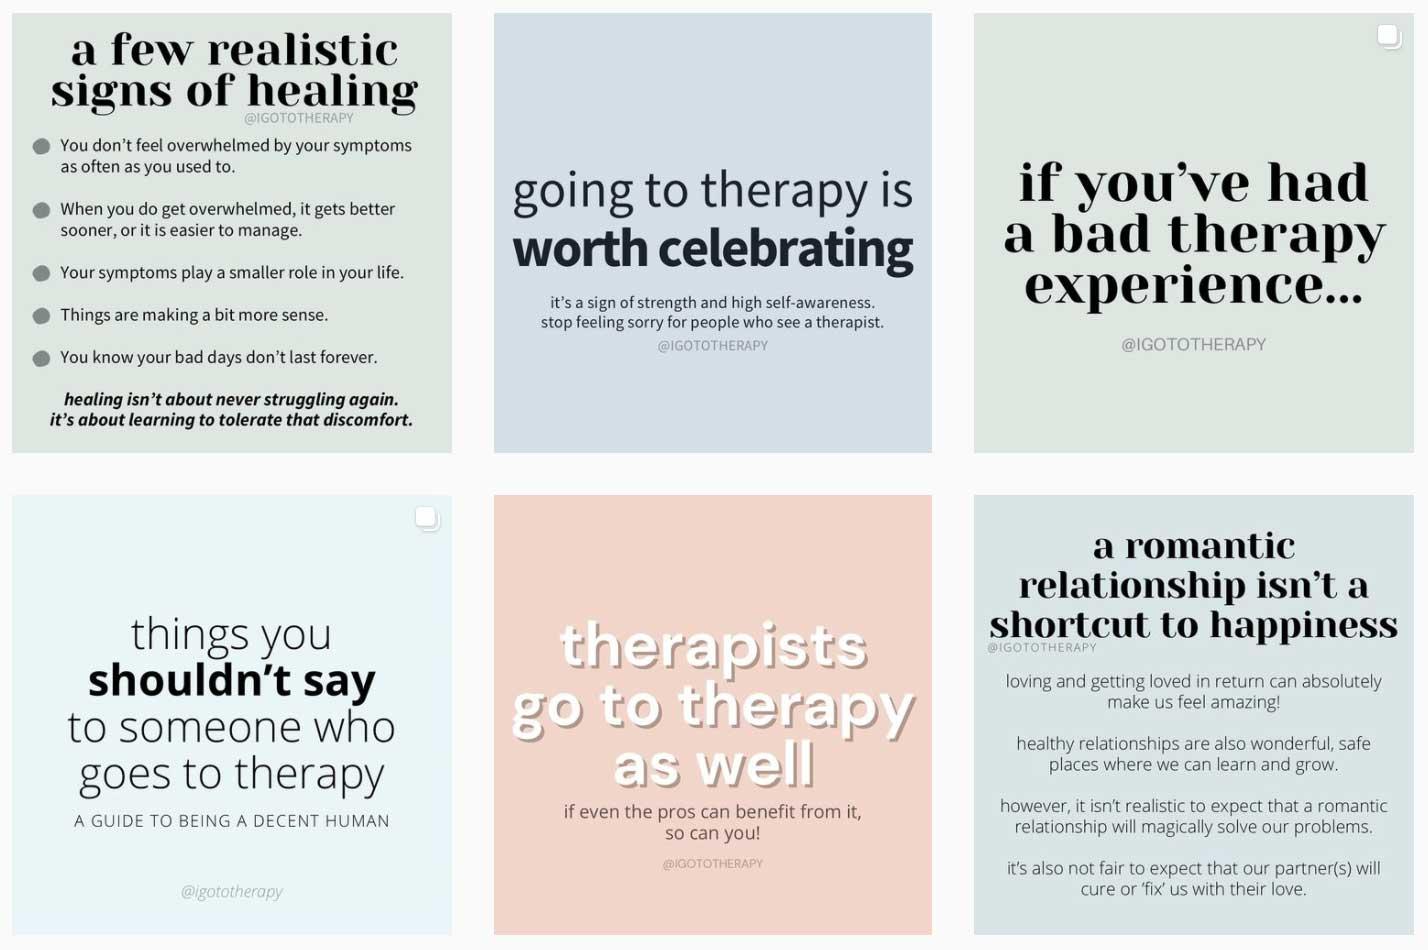 igototherapy